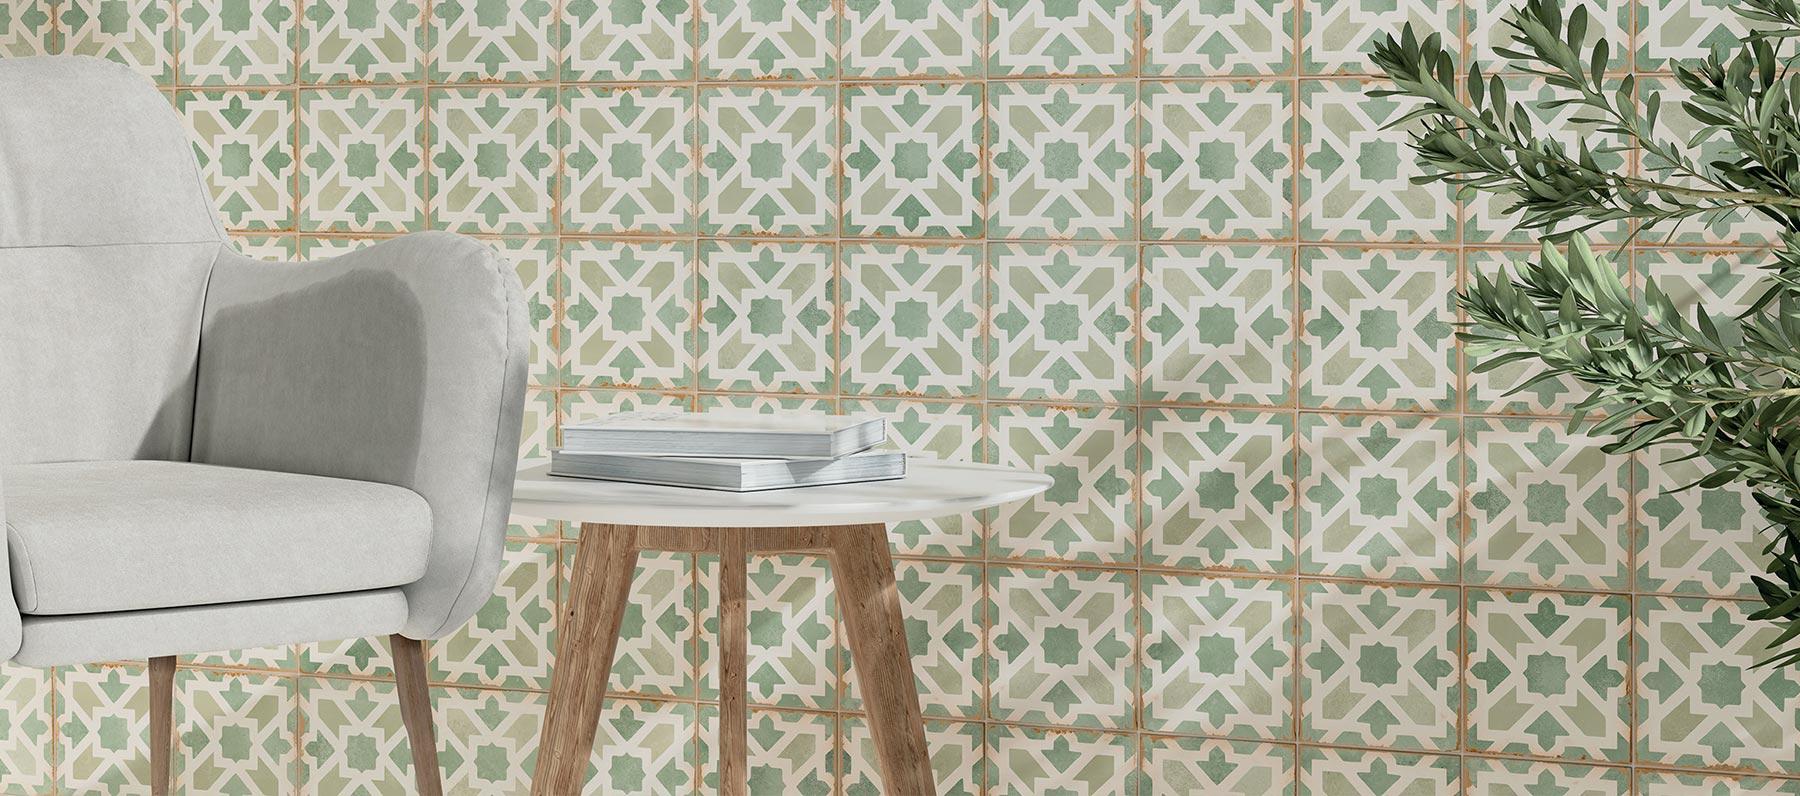 Morocco Ziane si candida a scelta vincente per bagni ultra raffinati: applicabile su ogni superficie interna, si presta anche alla posa su pavimento riscaldato